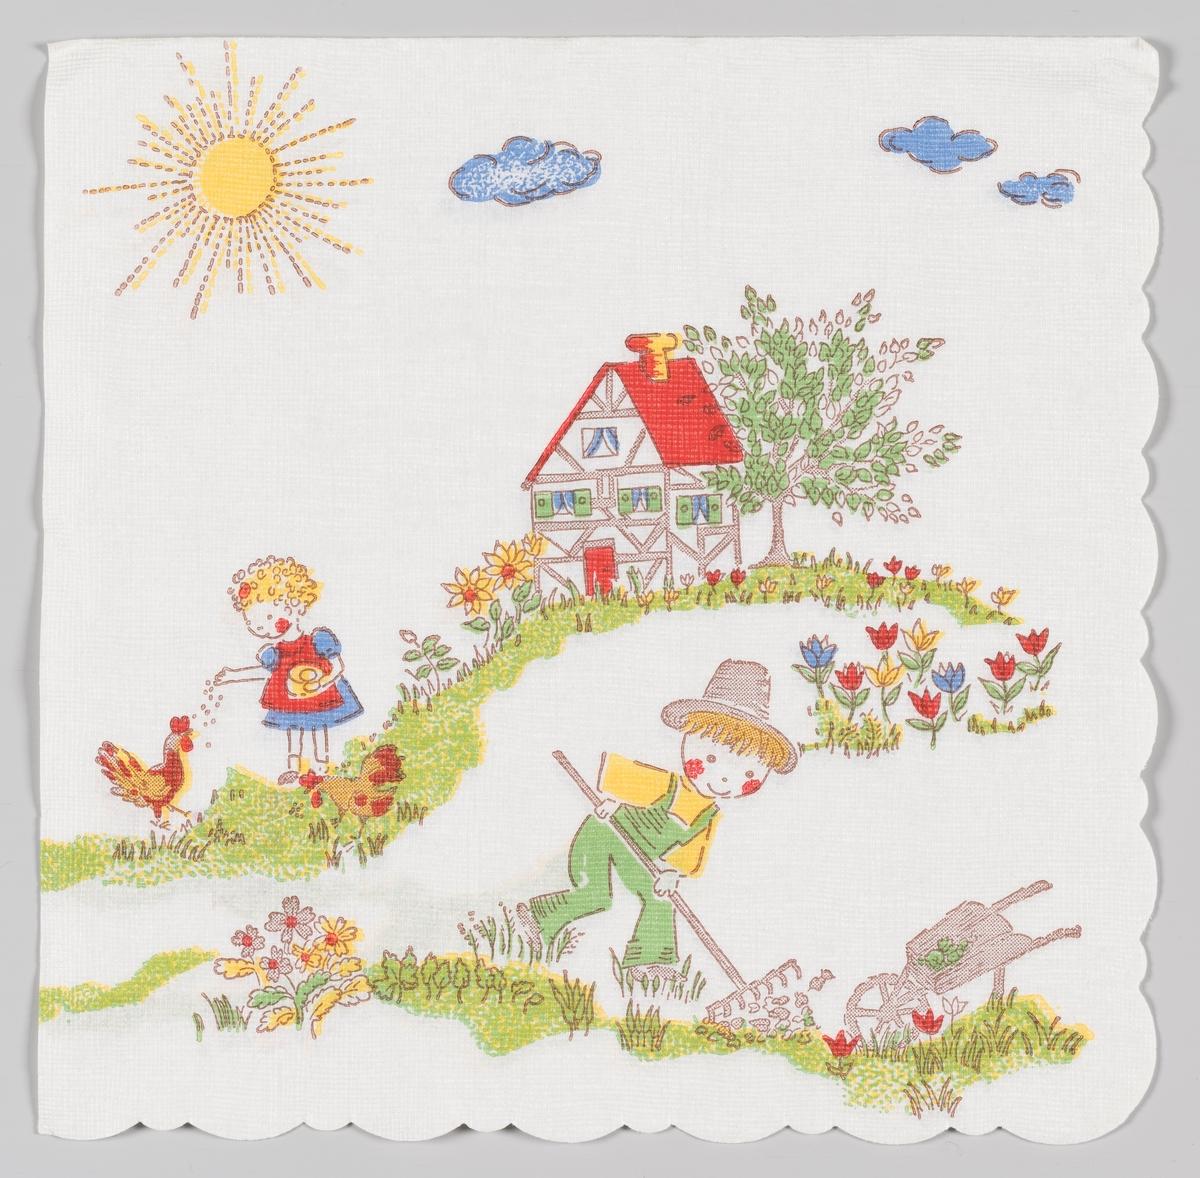 En gutt gjør hagearbeid og en jente fore hønene. Begge barna står i en blomstereng med et hus i bindingsverk i bakgrunnen. Solen stråler på himmelen med blå skyer.